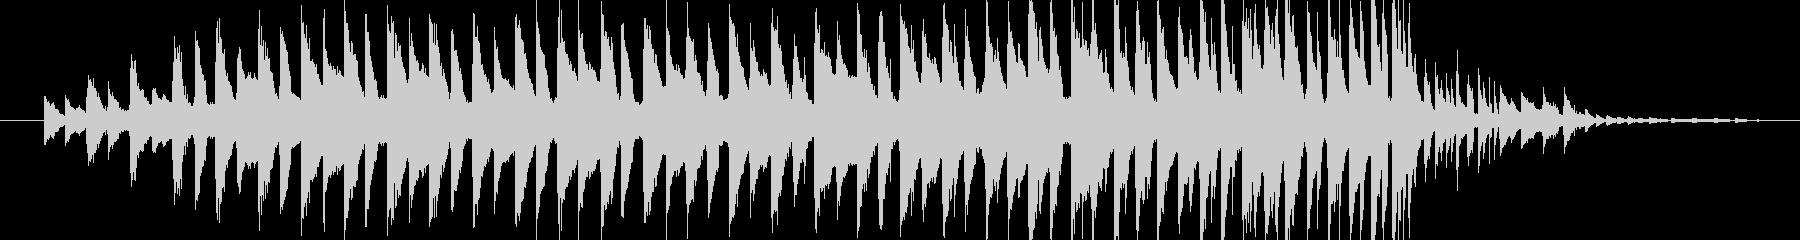 30秒ちょうどの音源です。ピアノとデジ…の未再生の波形